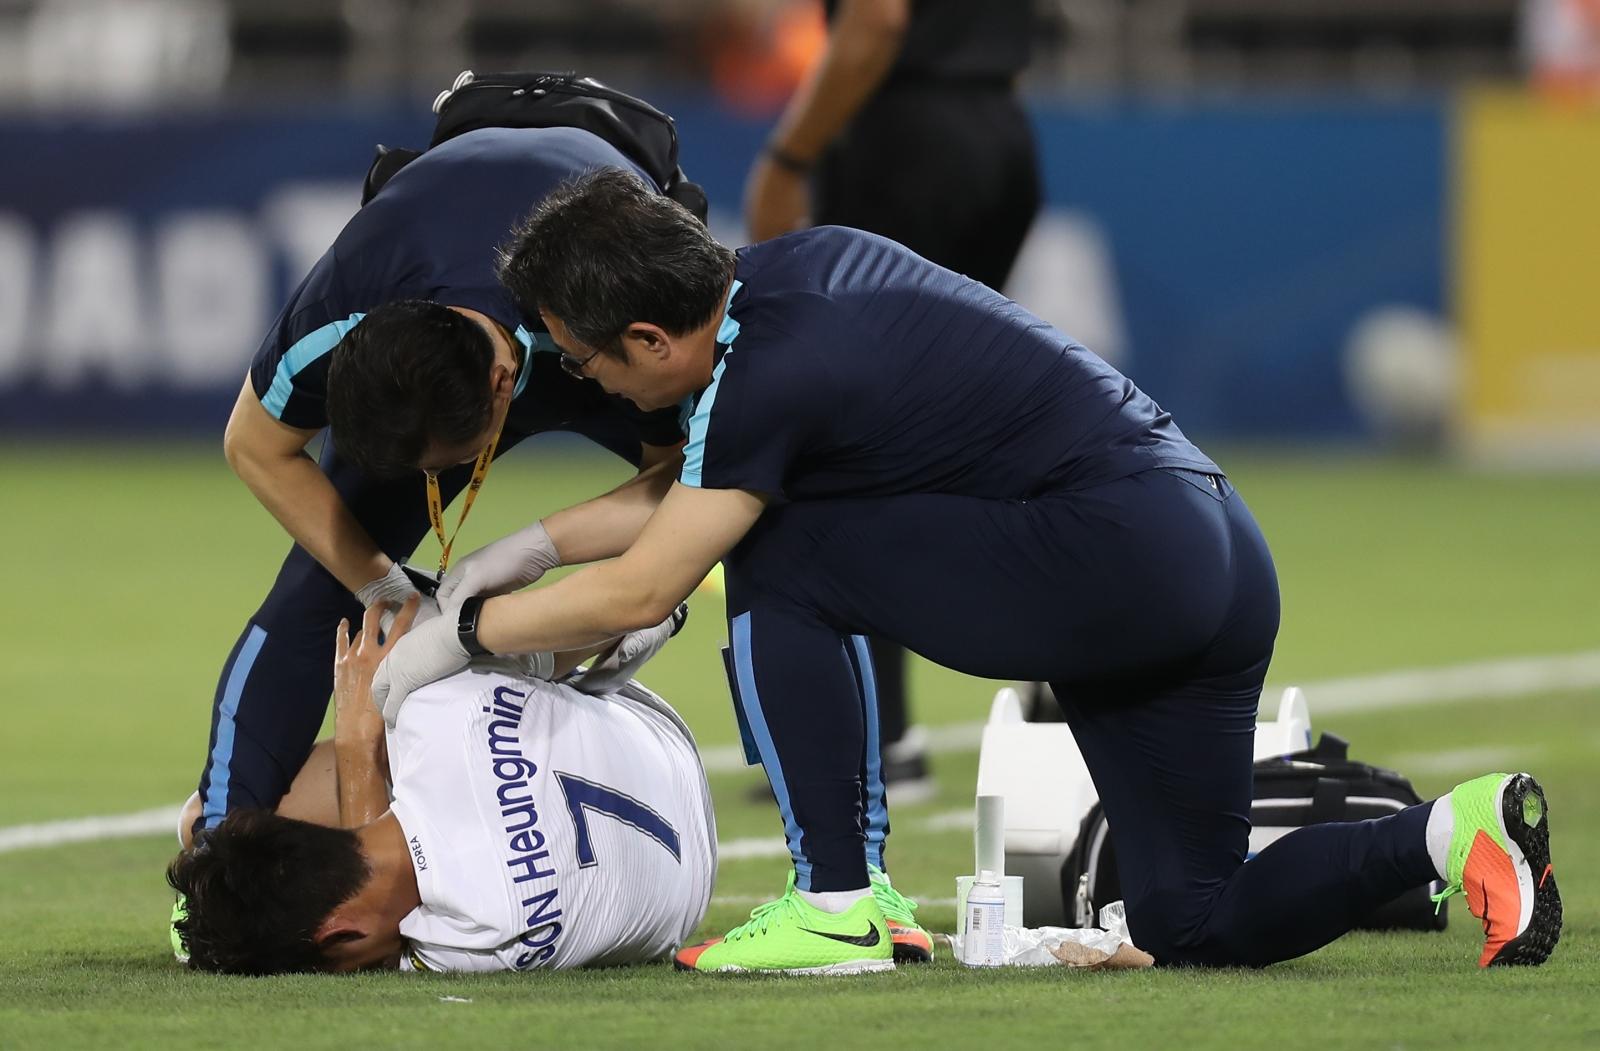 Spurs forward Son Heung-min suffers suspected broken arm